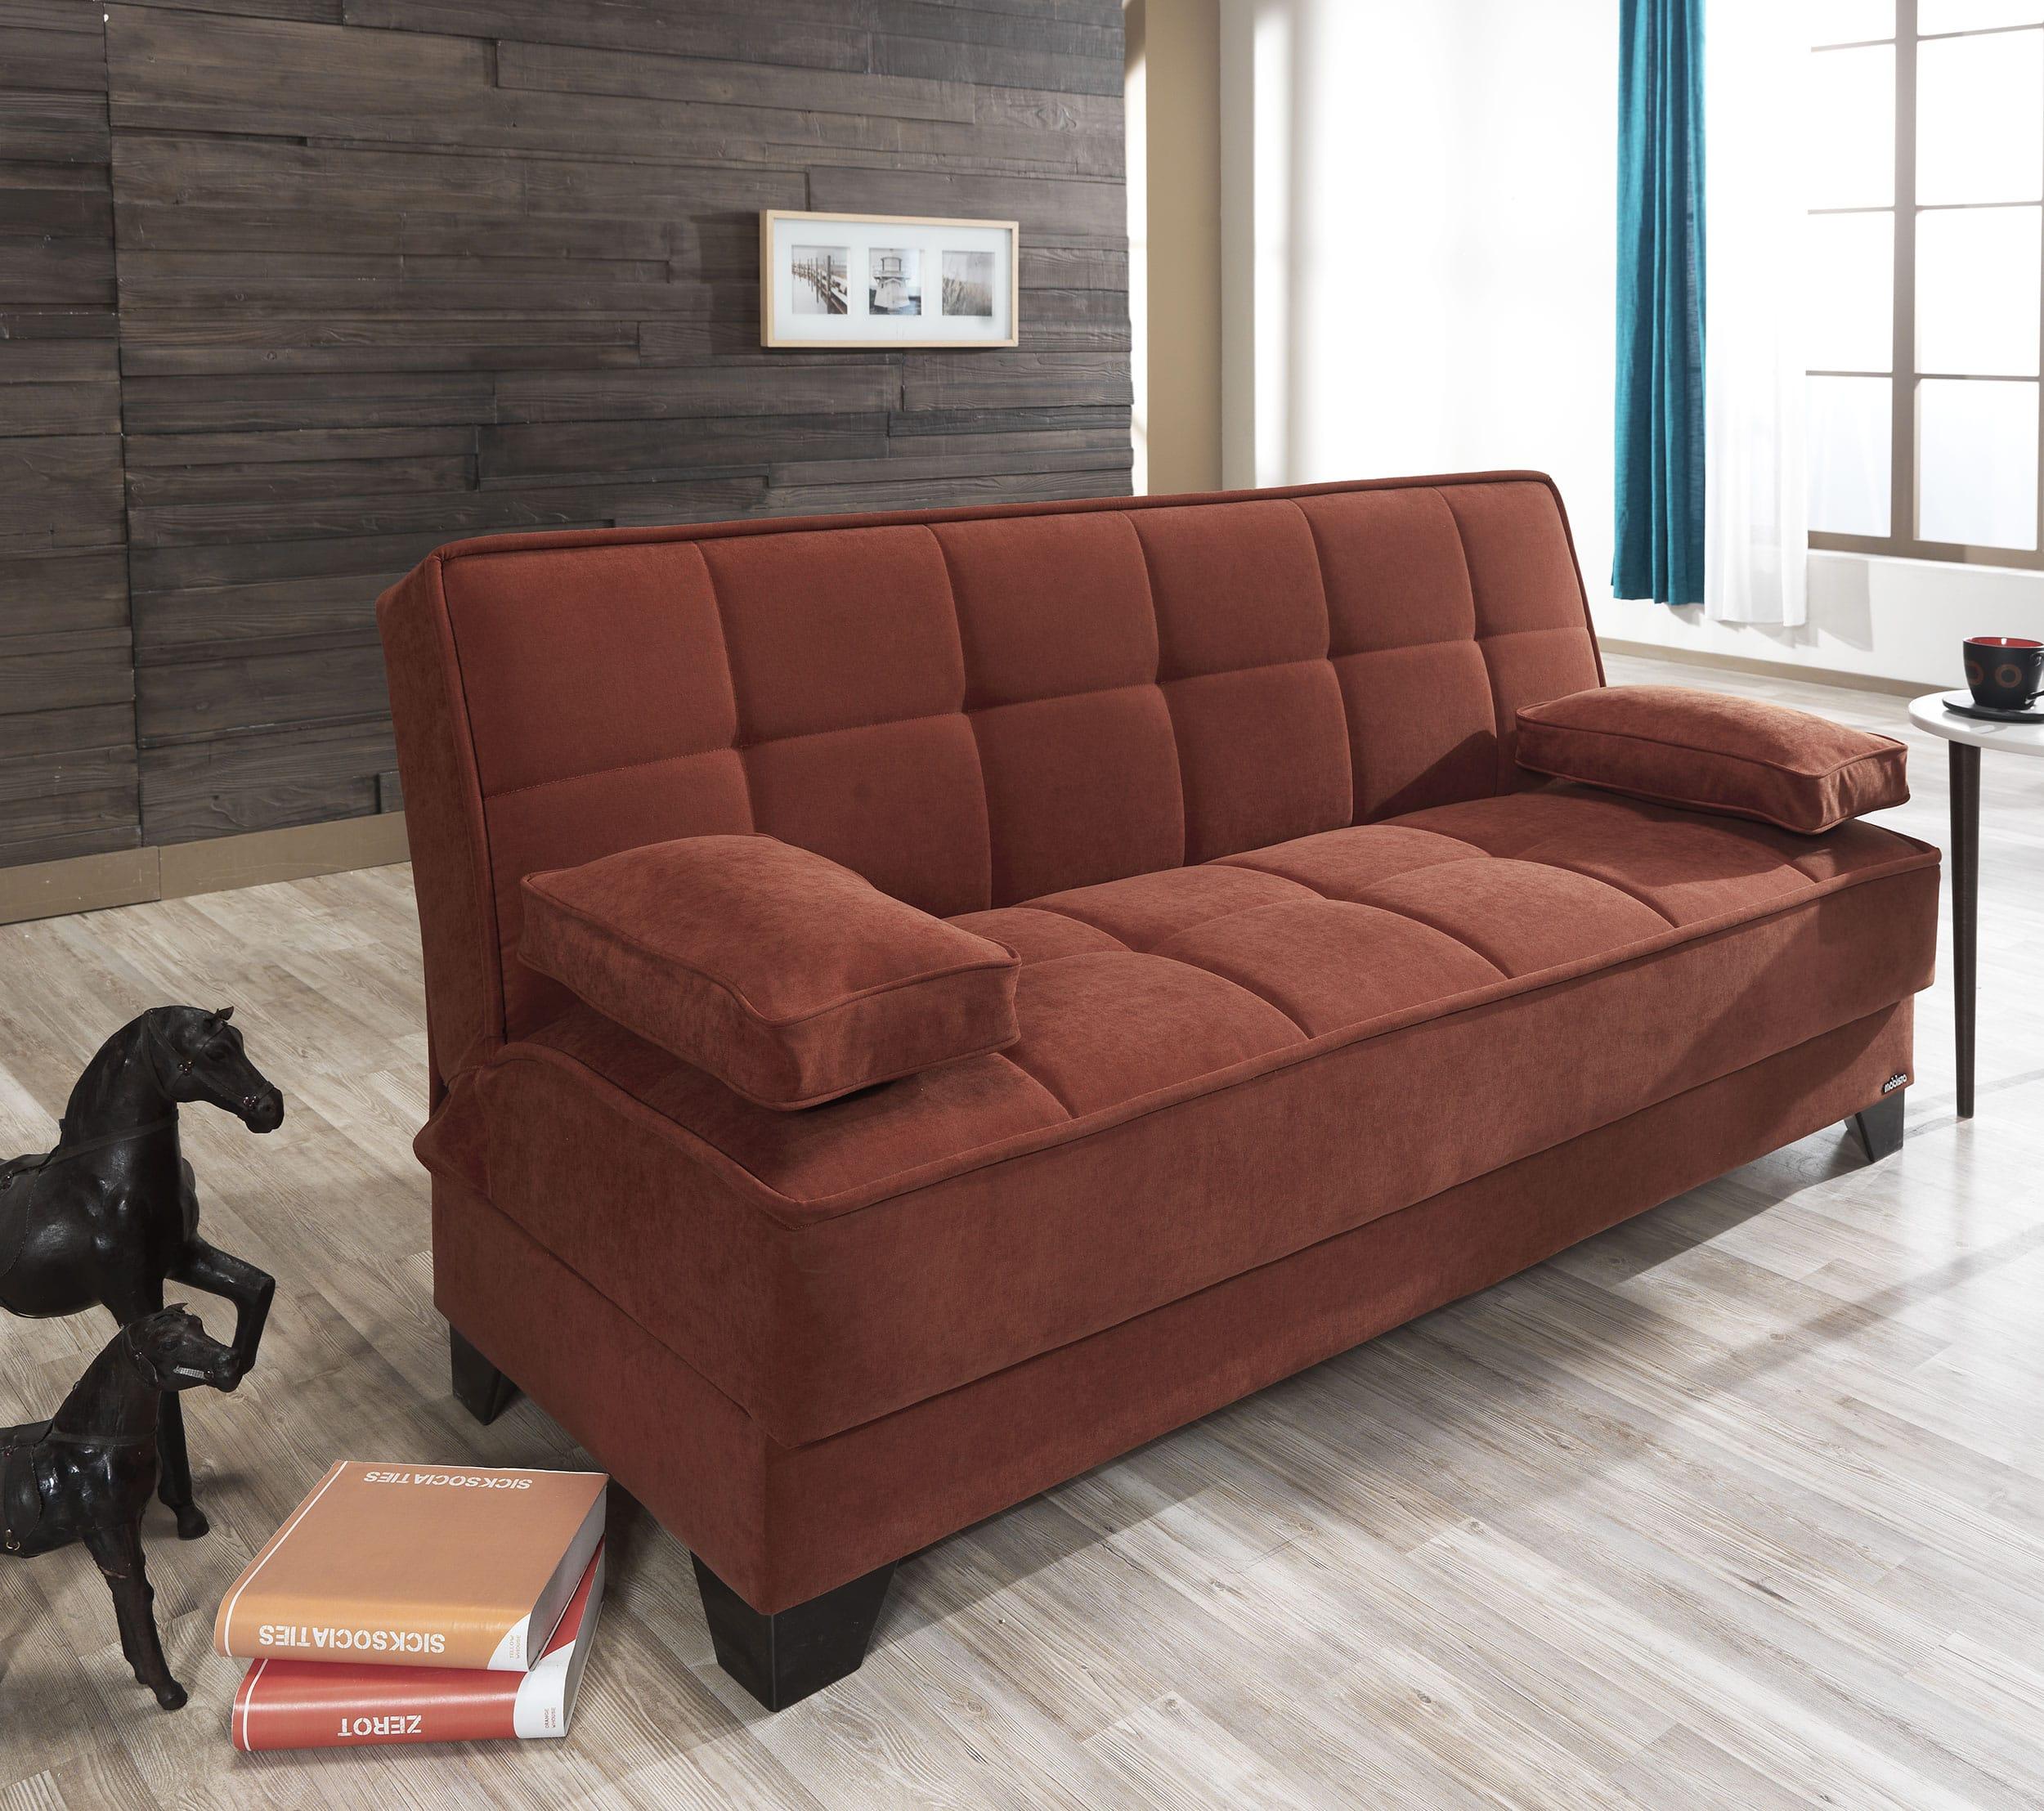 Full Size of Megasofa Aruba 2 Ii Divano Cotta Sofa Wohnzimmer Megasofa Aruba